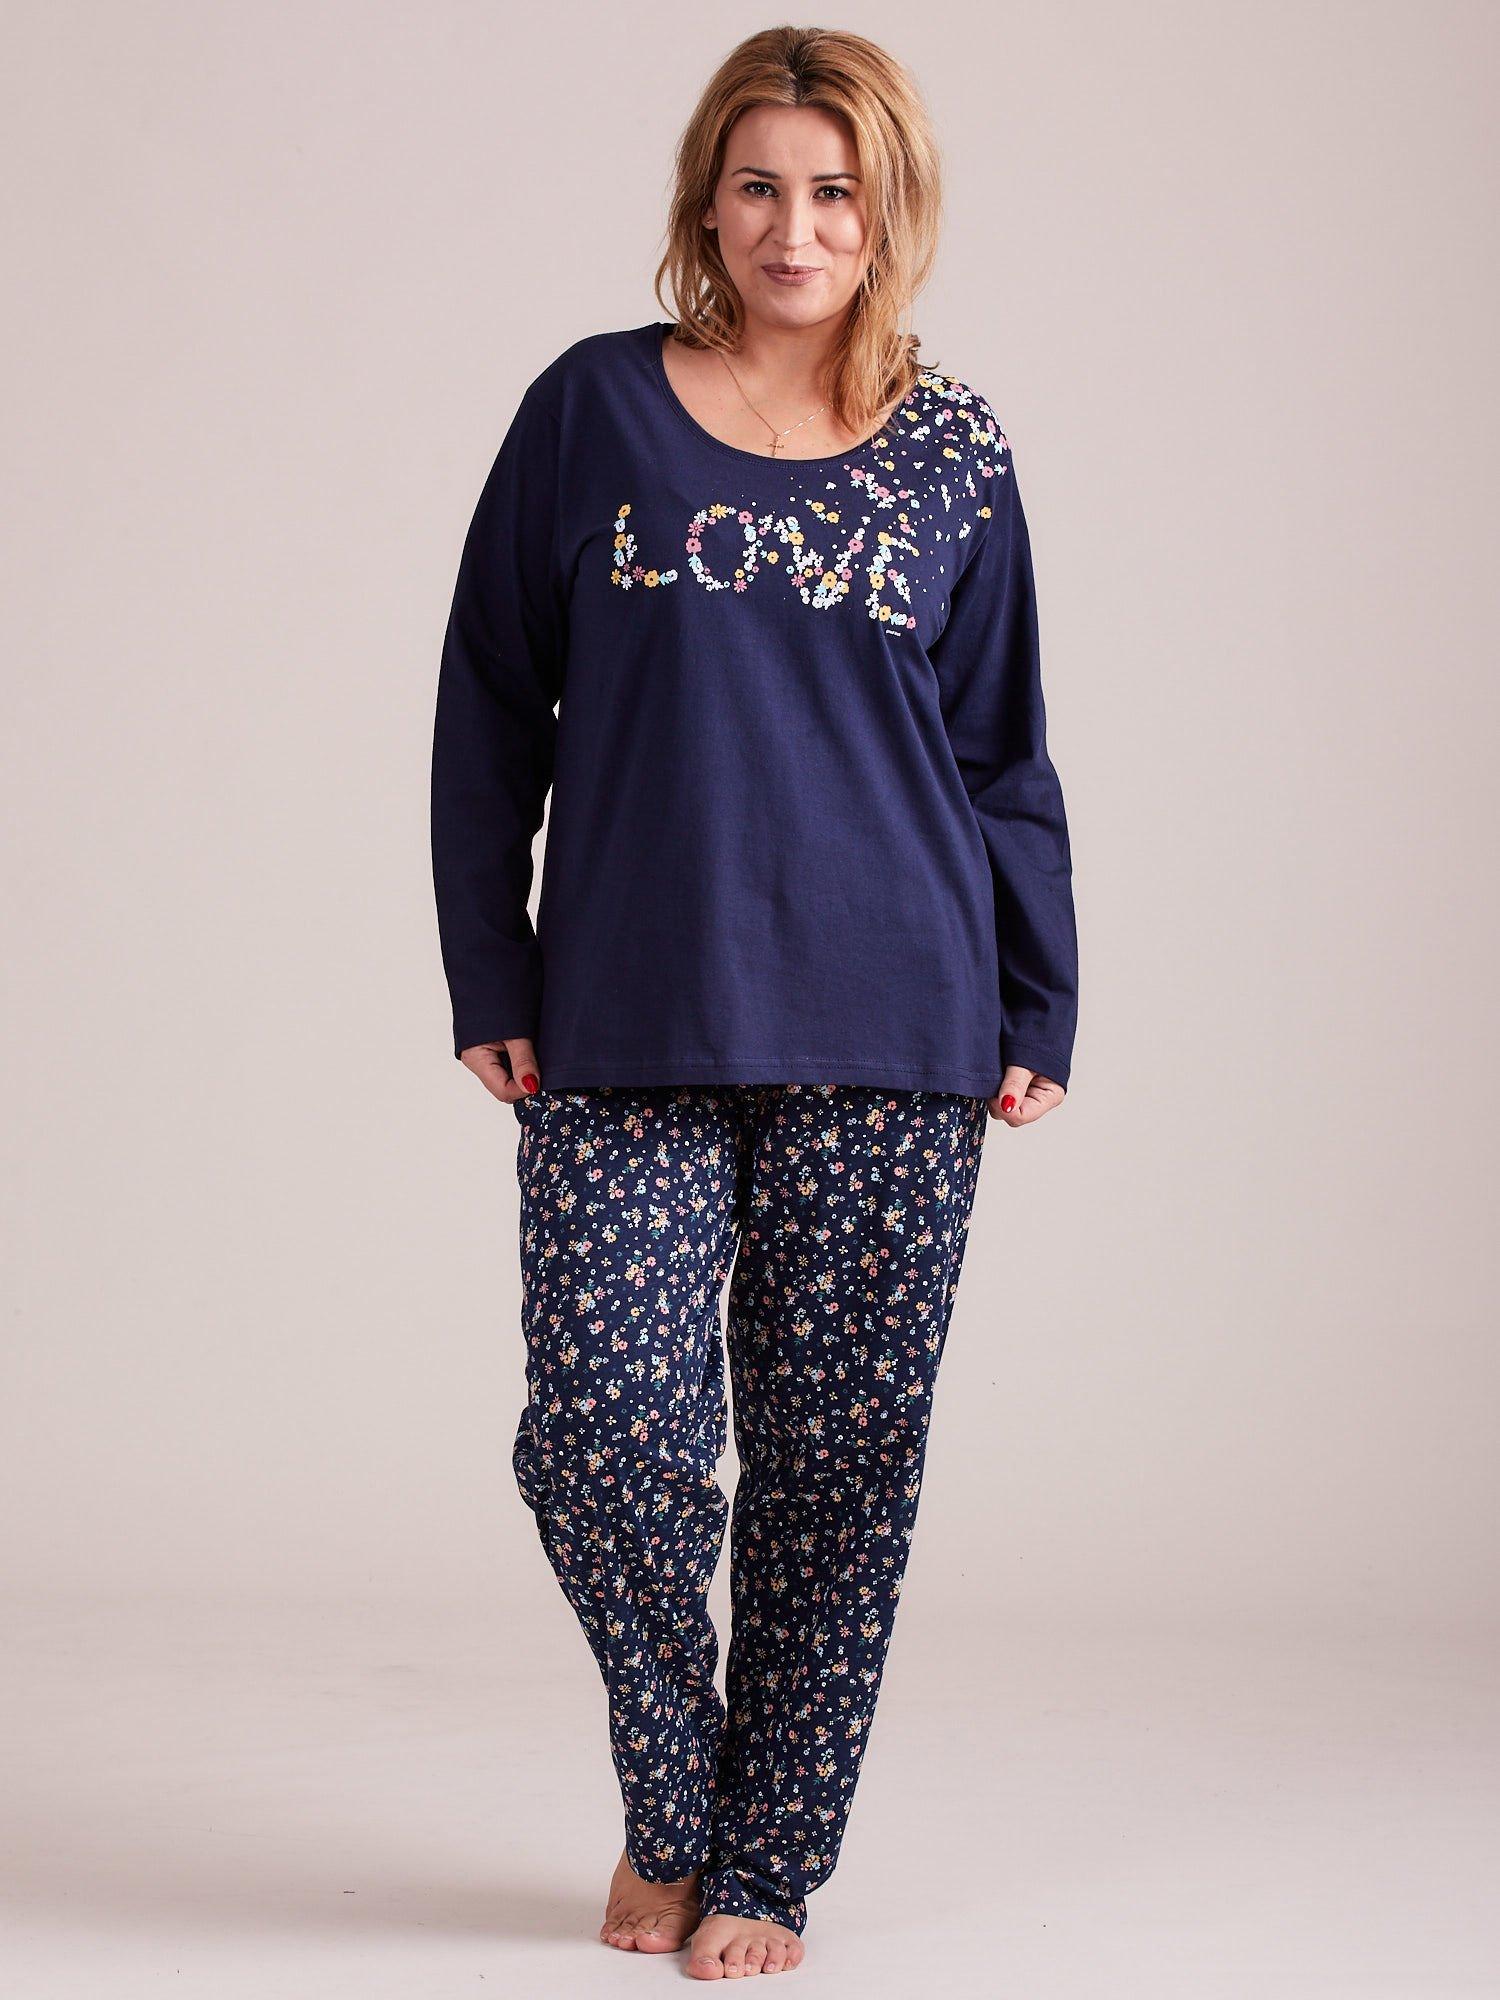 25baf1216056bb Granatowa damska piżama w kwiaty PLUS SIZE - Bielizna piżama - sklep ...